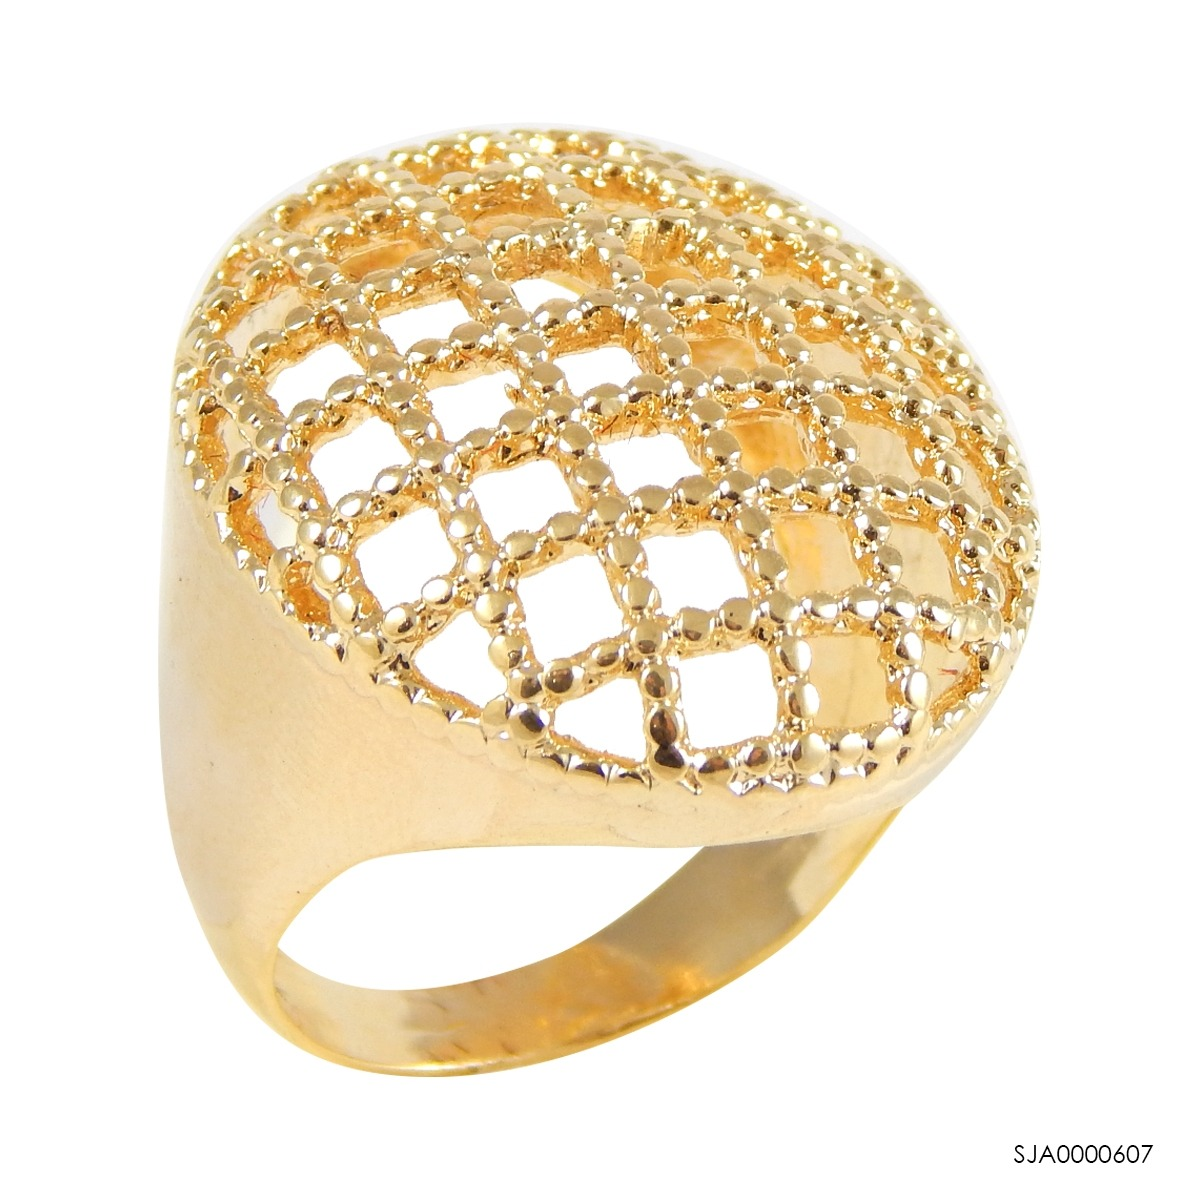 5dcd46d06 anel feminino vazado semi-joia com banho de ouro 18k sja0000. Carregando  zoom.